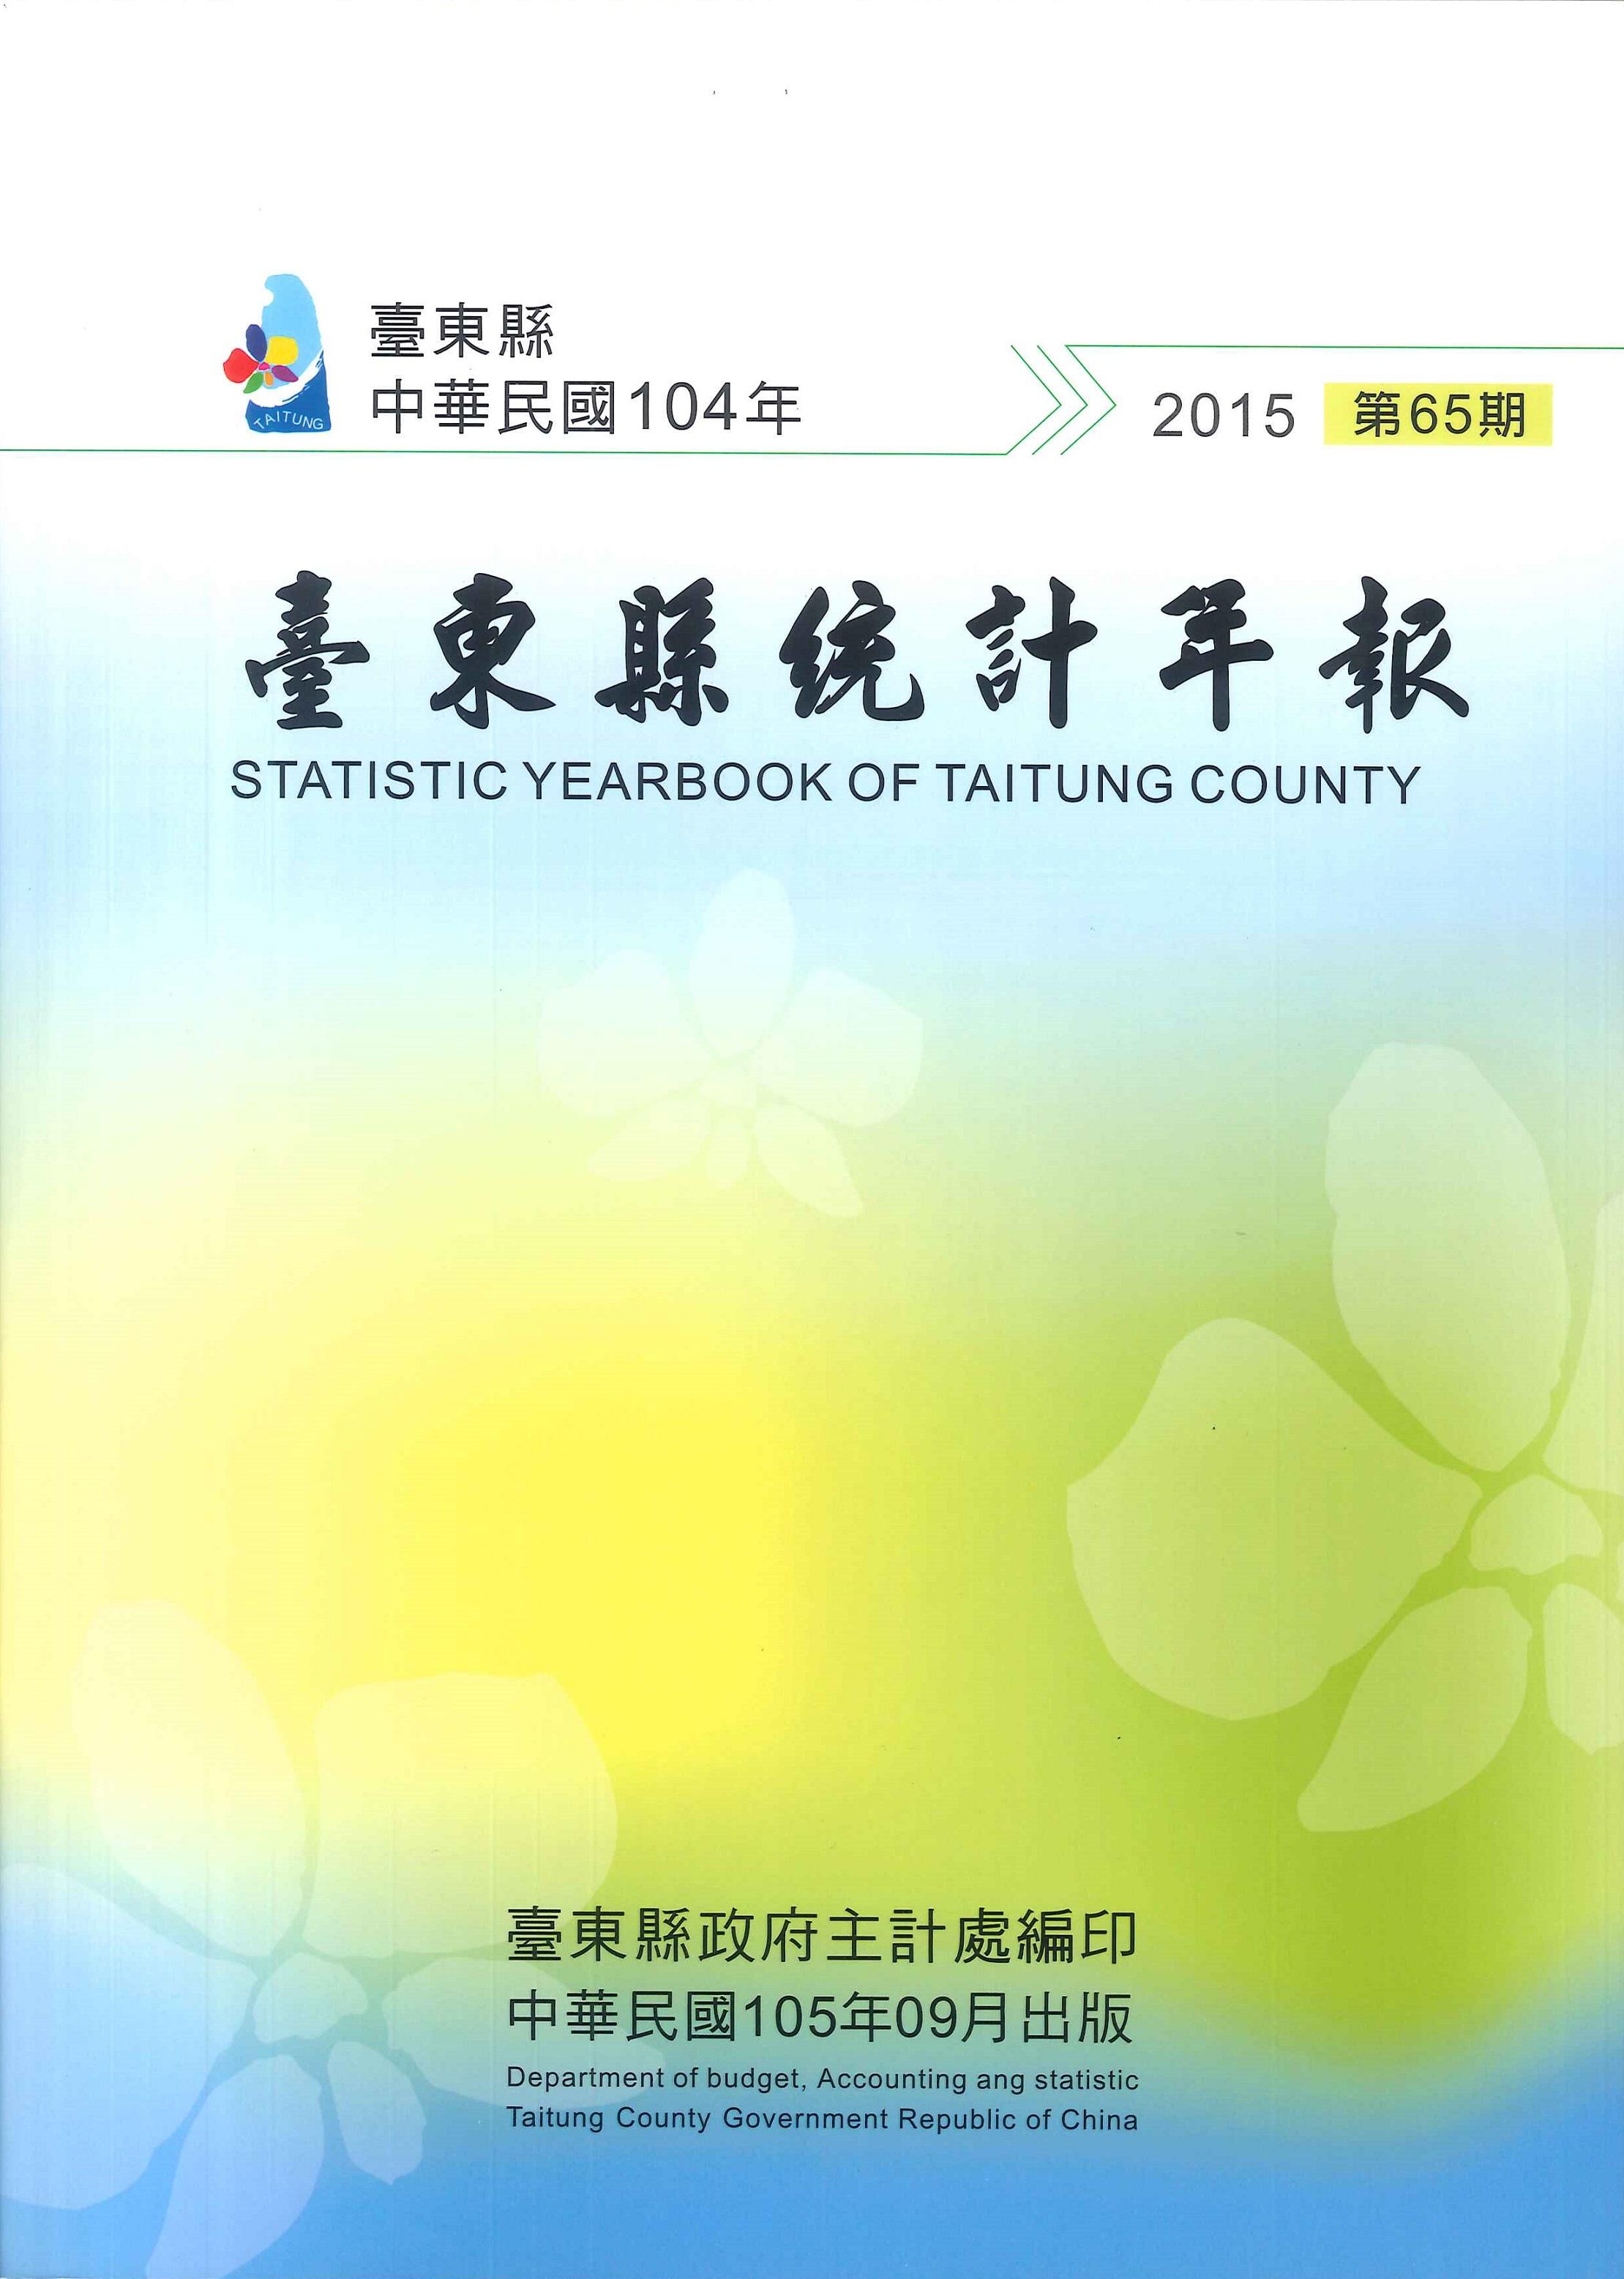 臺東縣統計年報.中華民國104年=Statistic yearbook of Taitung County